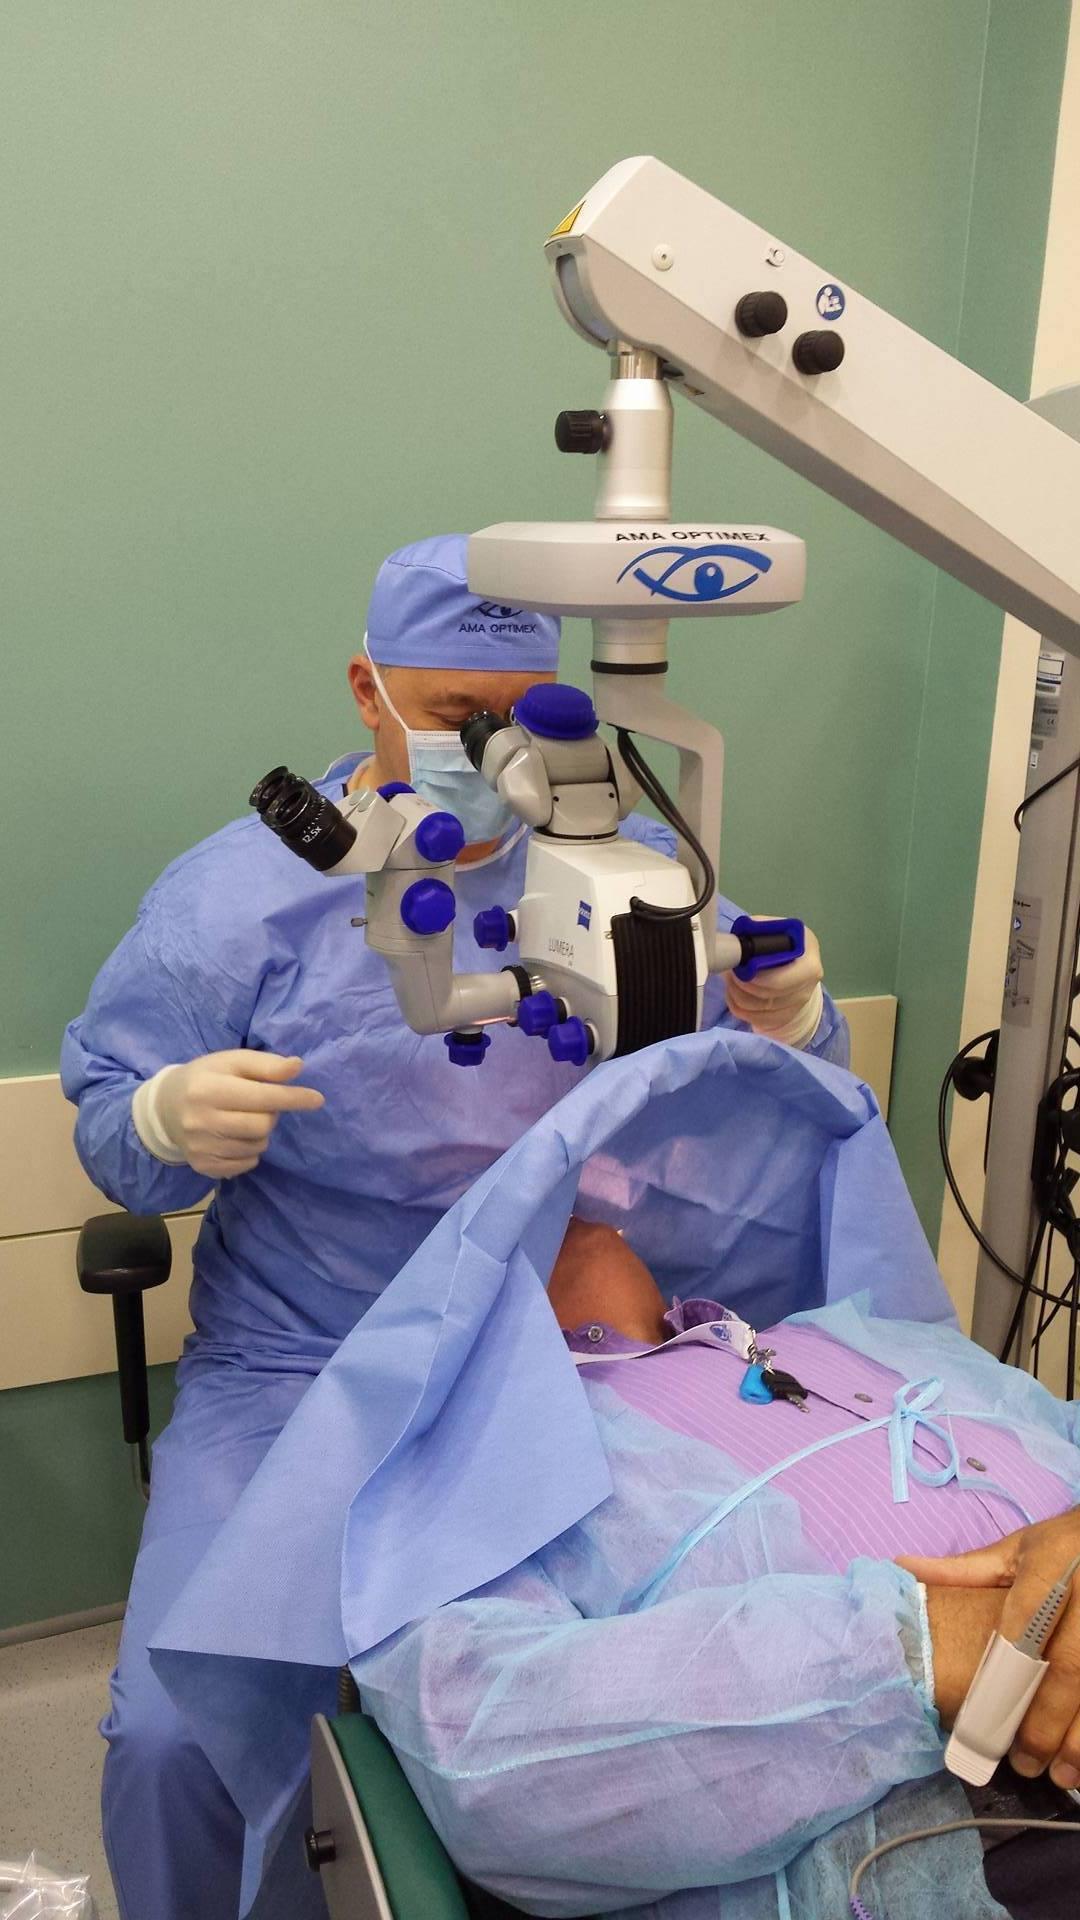 când vederea va fi restabilită după operație masaj pentru întărirea vederii